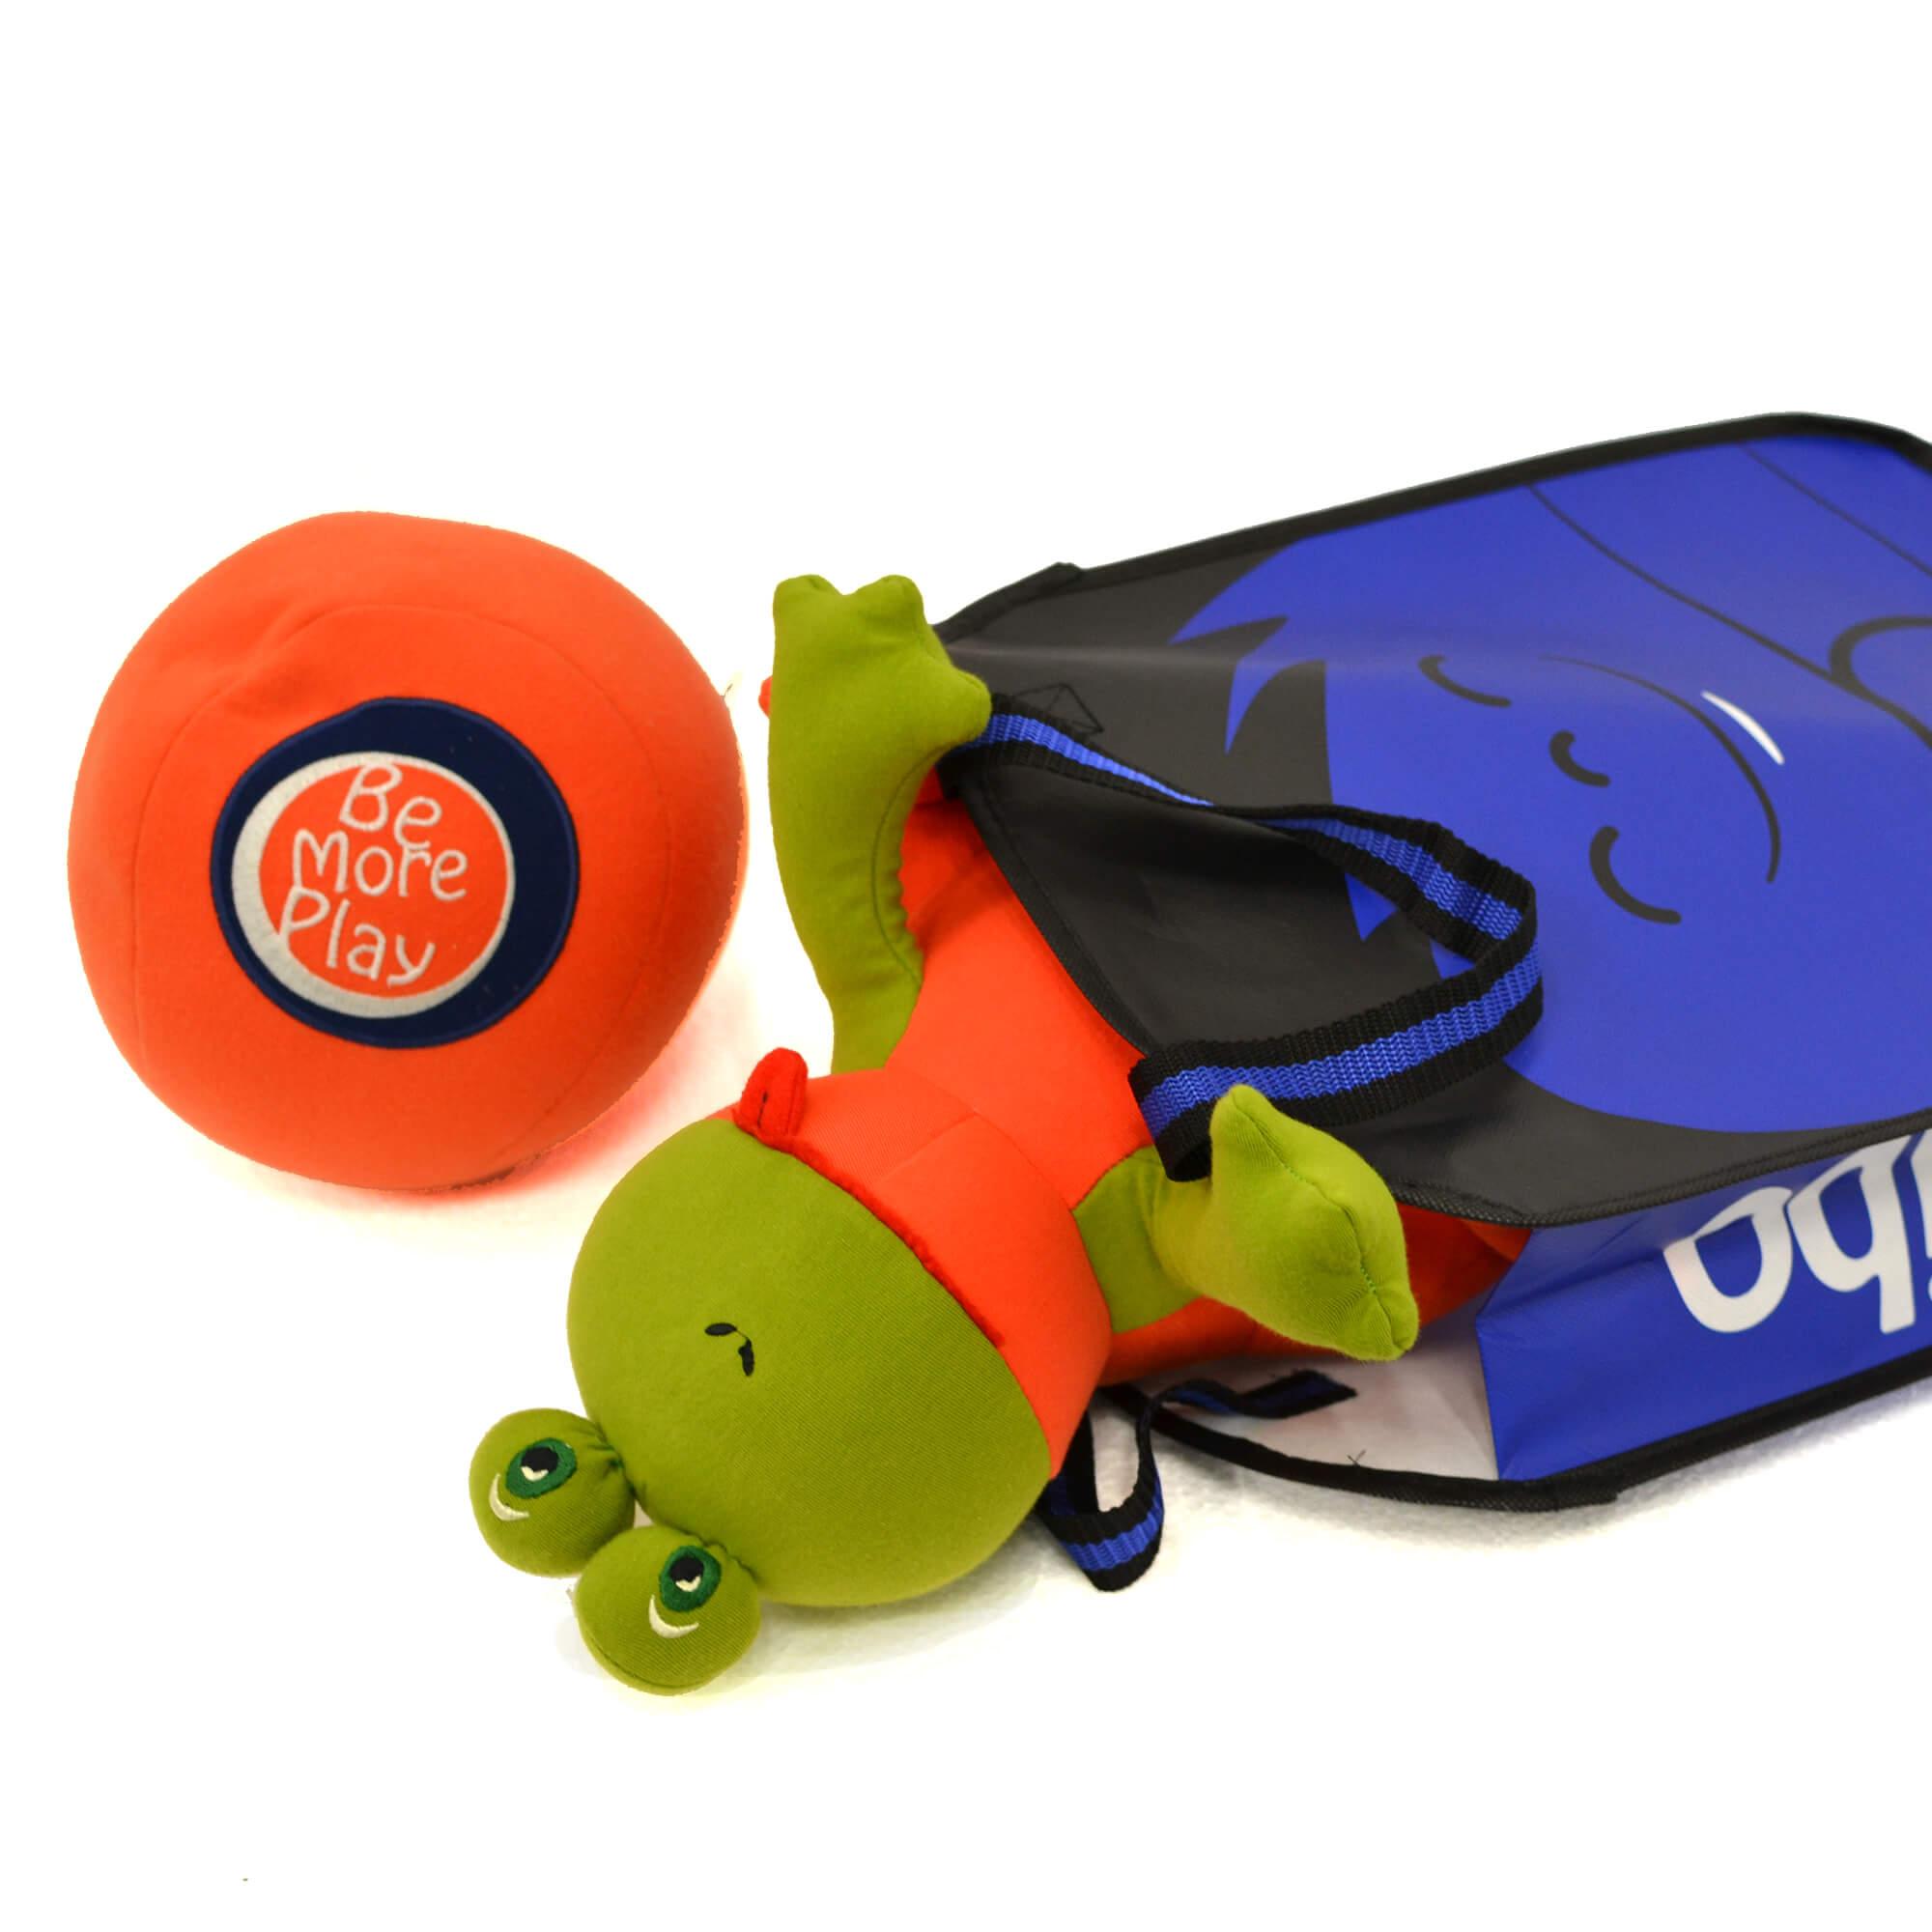 Yogibo(ヨギボー)のマスコットキャラクター Hugibo(ハギボー)がプリントされたバッグが登場。お出かけのおともや、ヨギボーのグッズを誰かにプレゼントするときのラッピングにもおすすめです